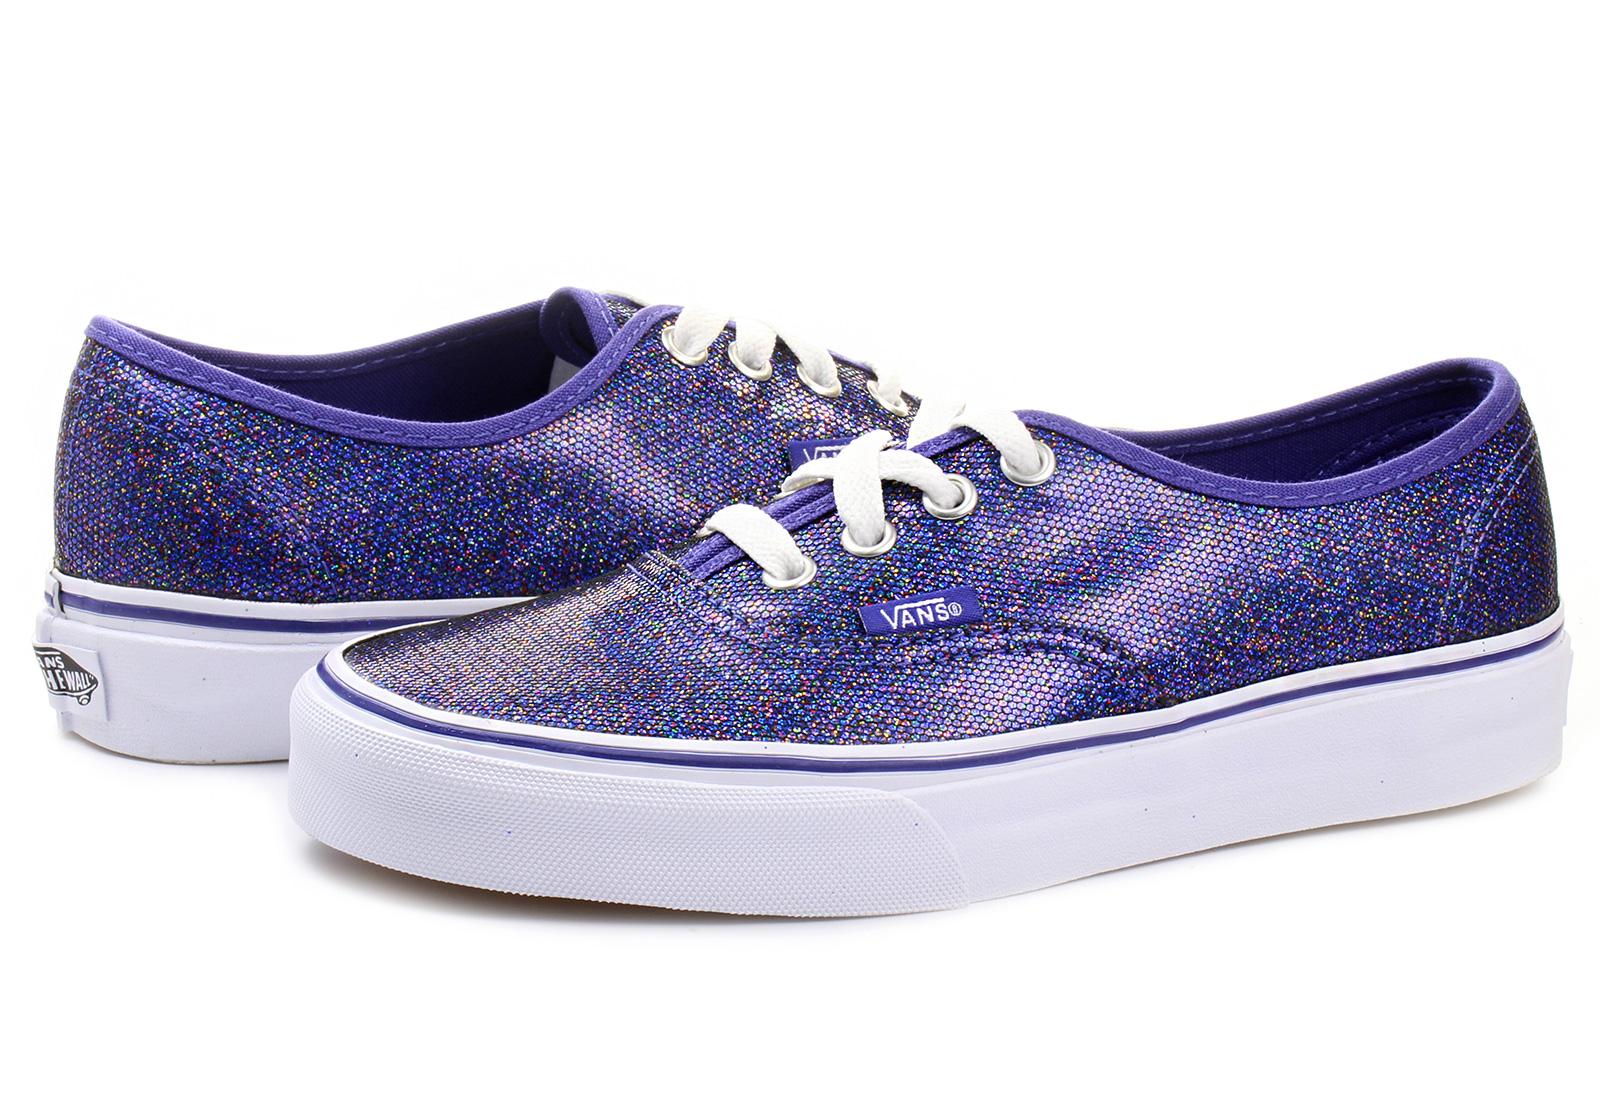 Vans Tornacipő - Authentic - vtsv8nd - Office Shoes Magyarország 2827d4356f